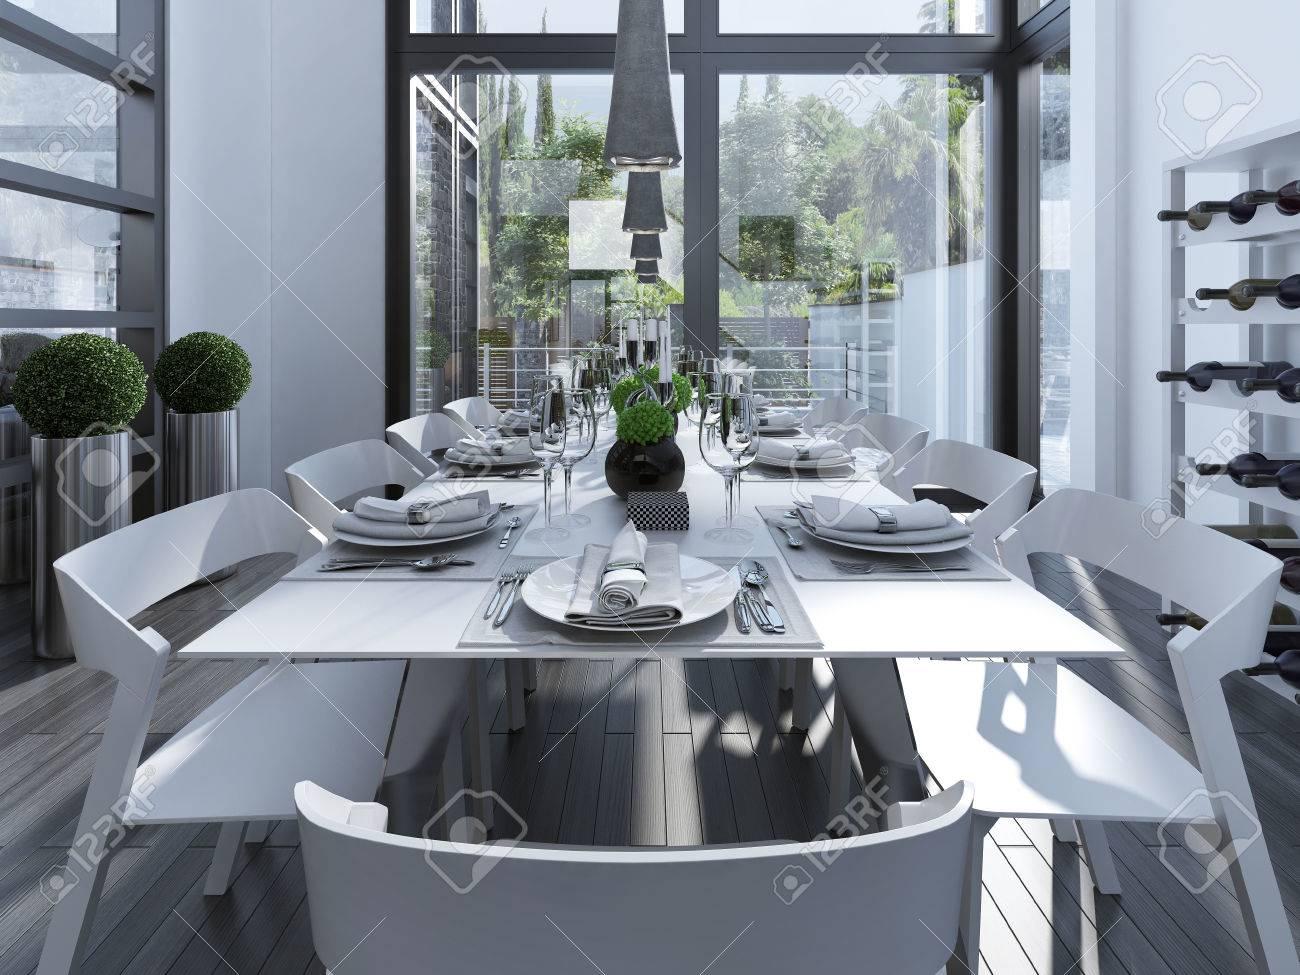 Served Table Sur Une Cuisine Contemporaine Les Meubles Blancs Et